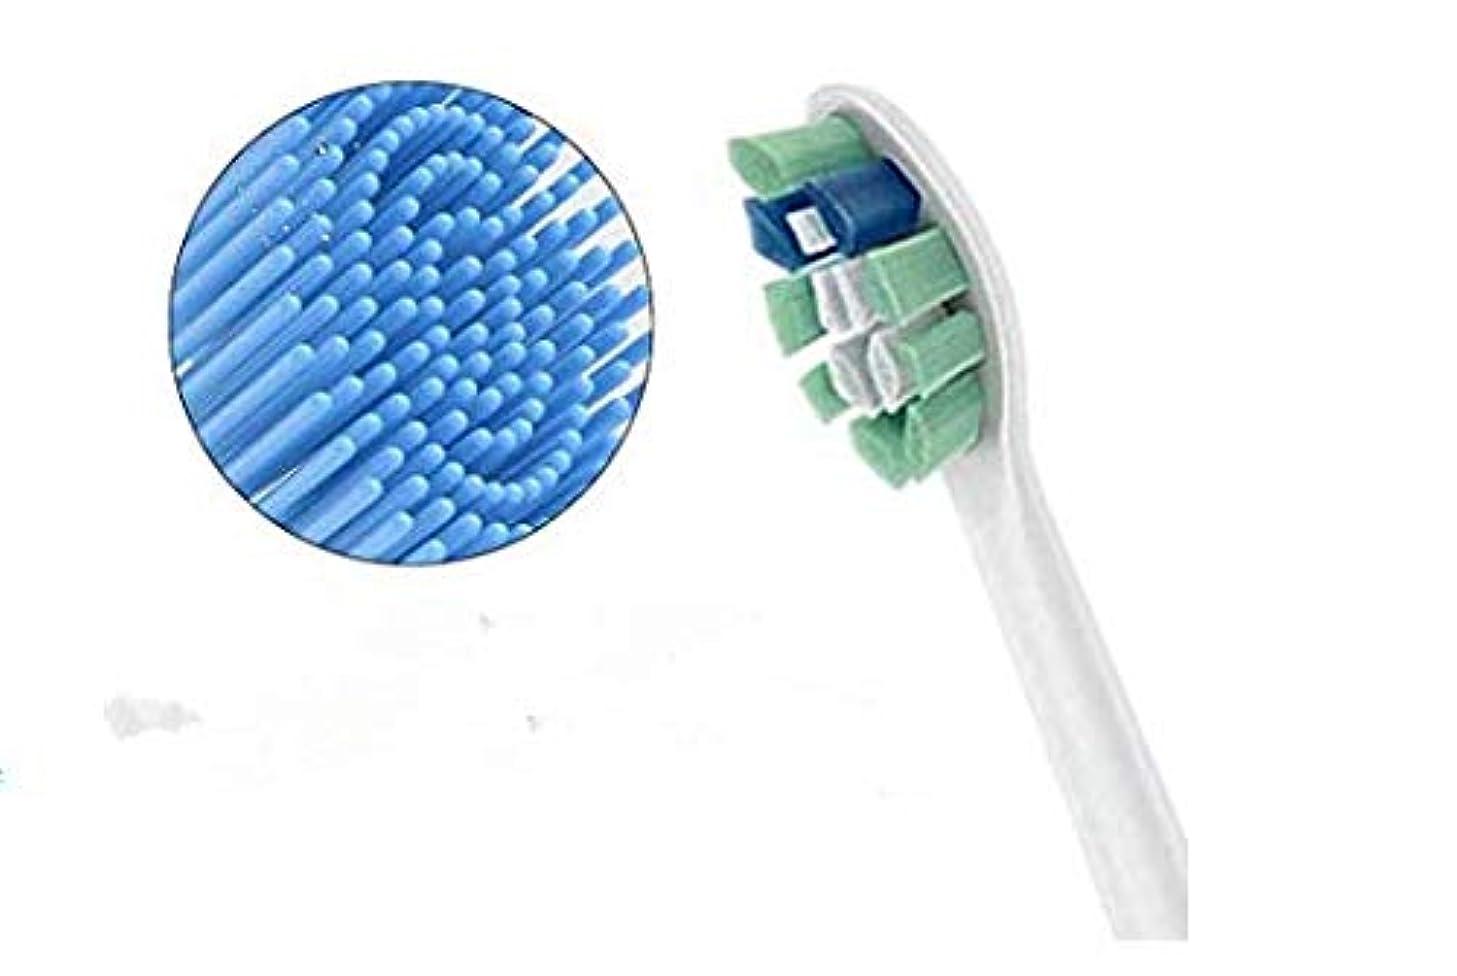 高める平衡グラフィック電動歯ブラシ用電動ソニッケアーダイヤモンドクリーン交換用歯ブラシヘッド、3個